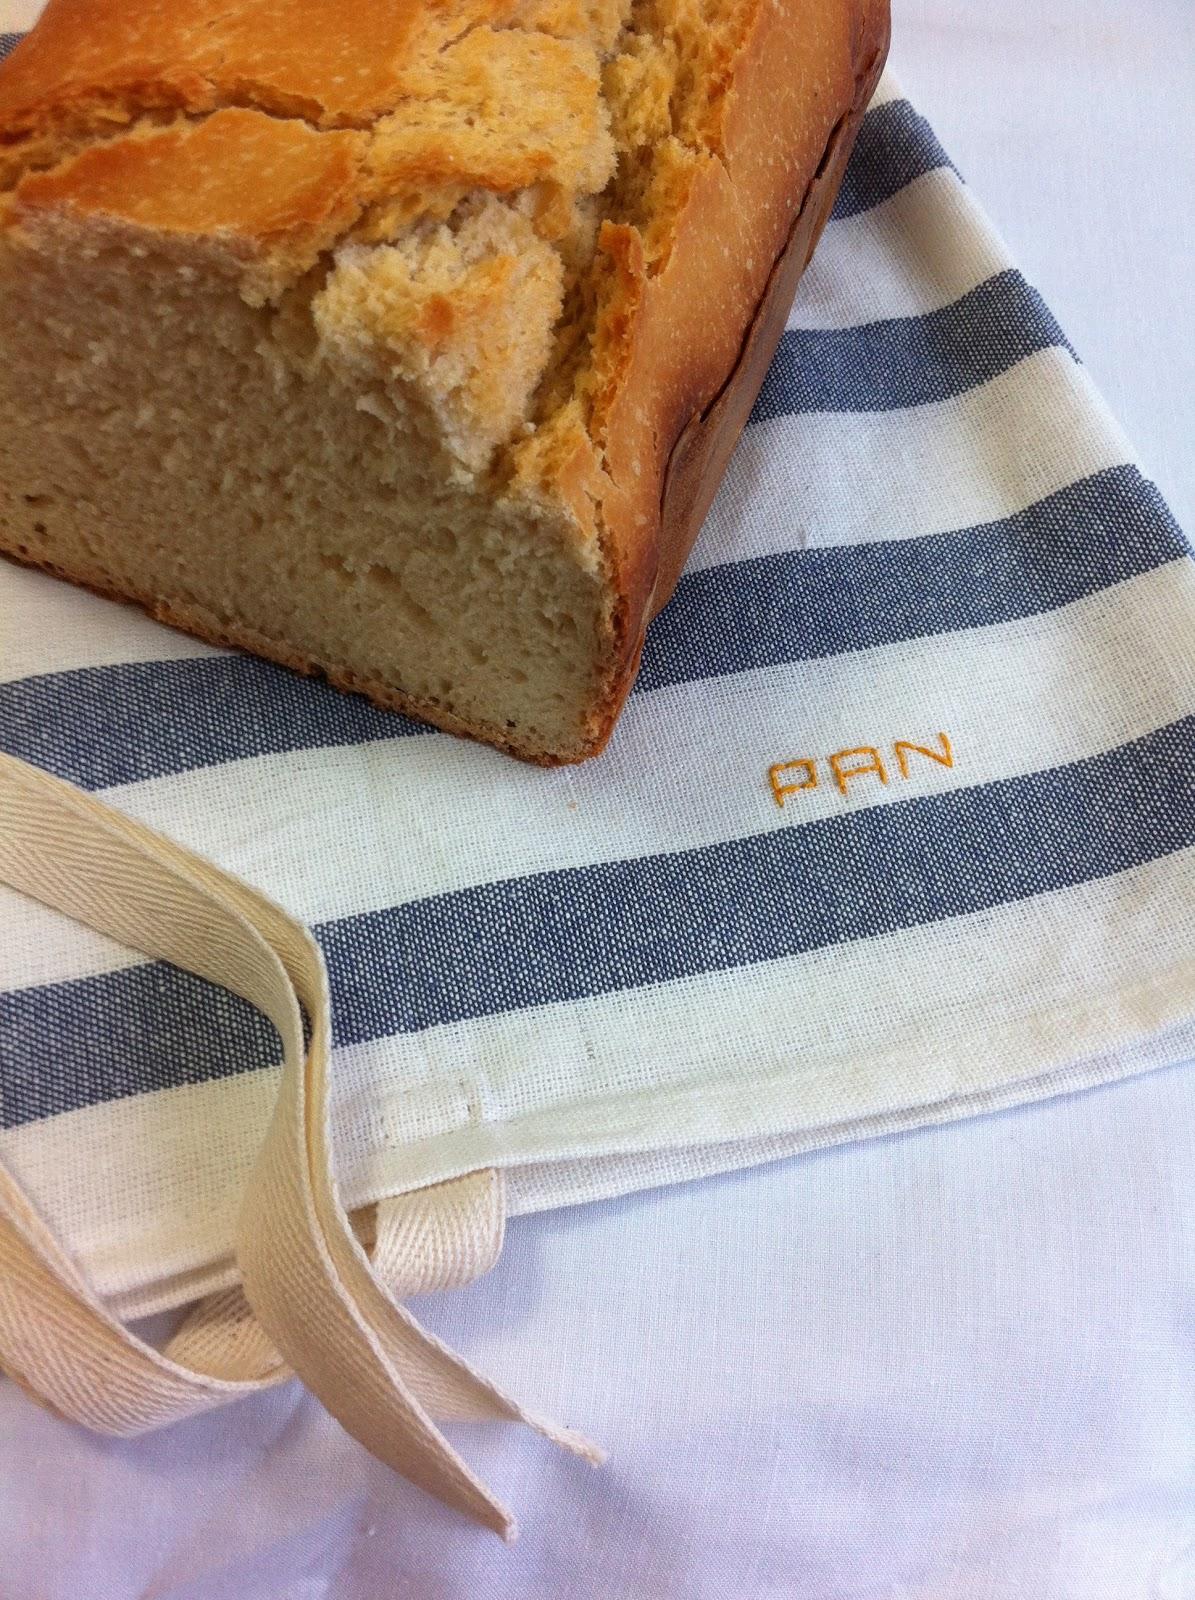 Paseando hilos: Pan para hoy y bolsa para mañana